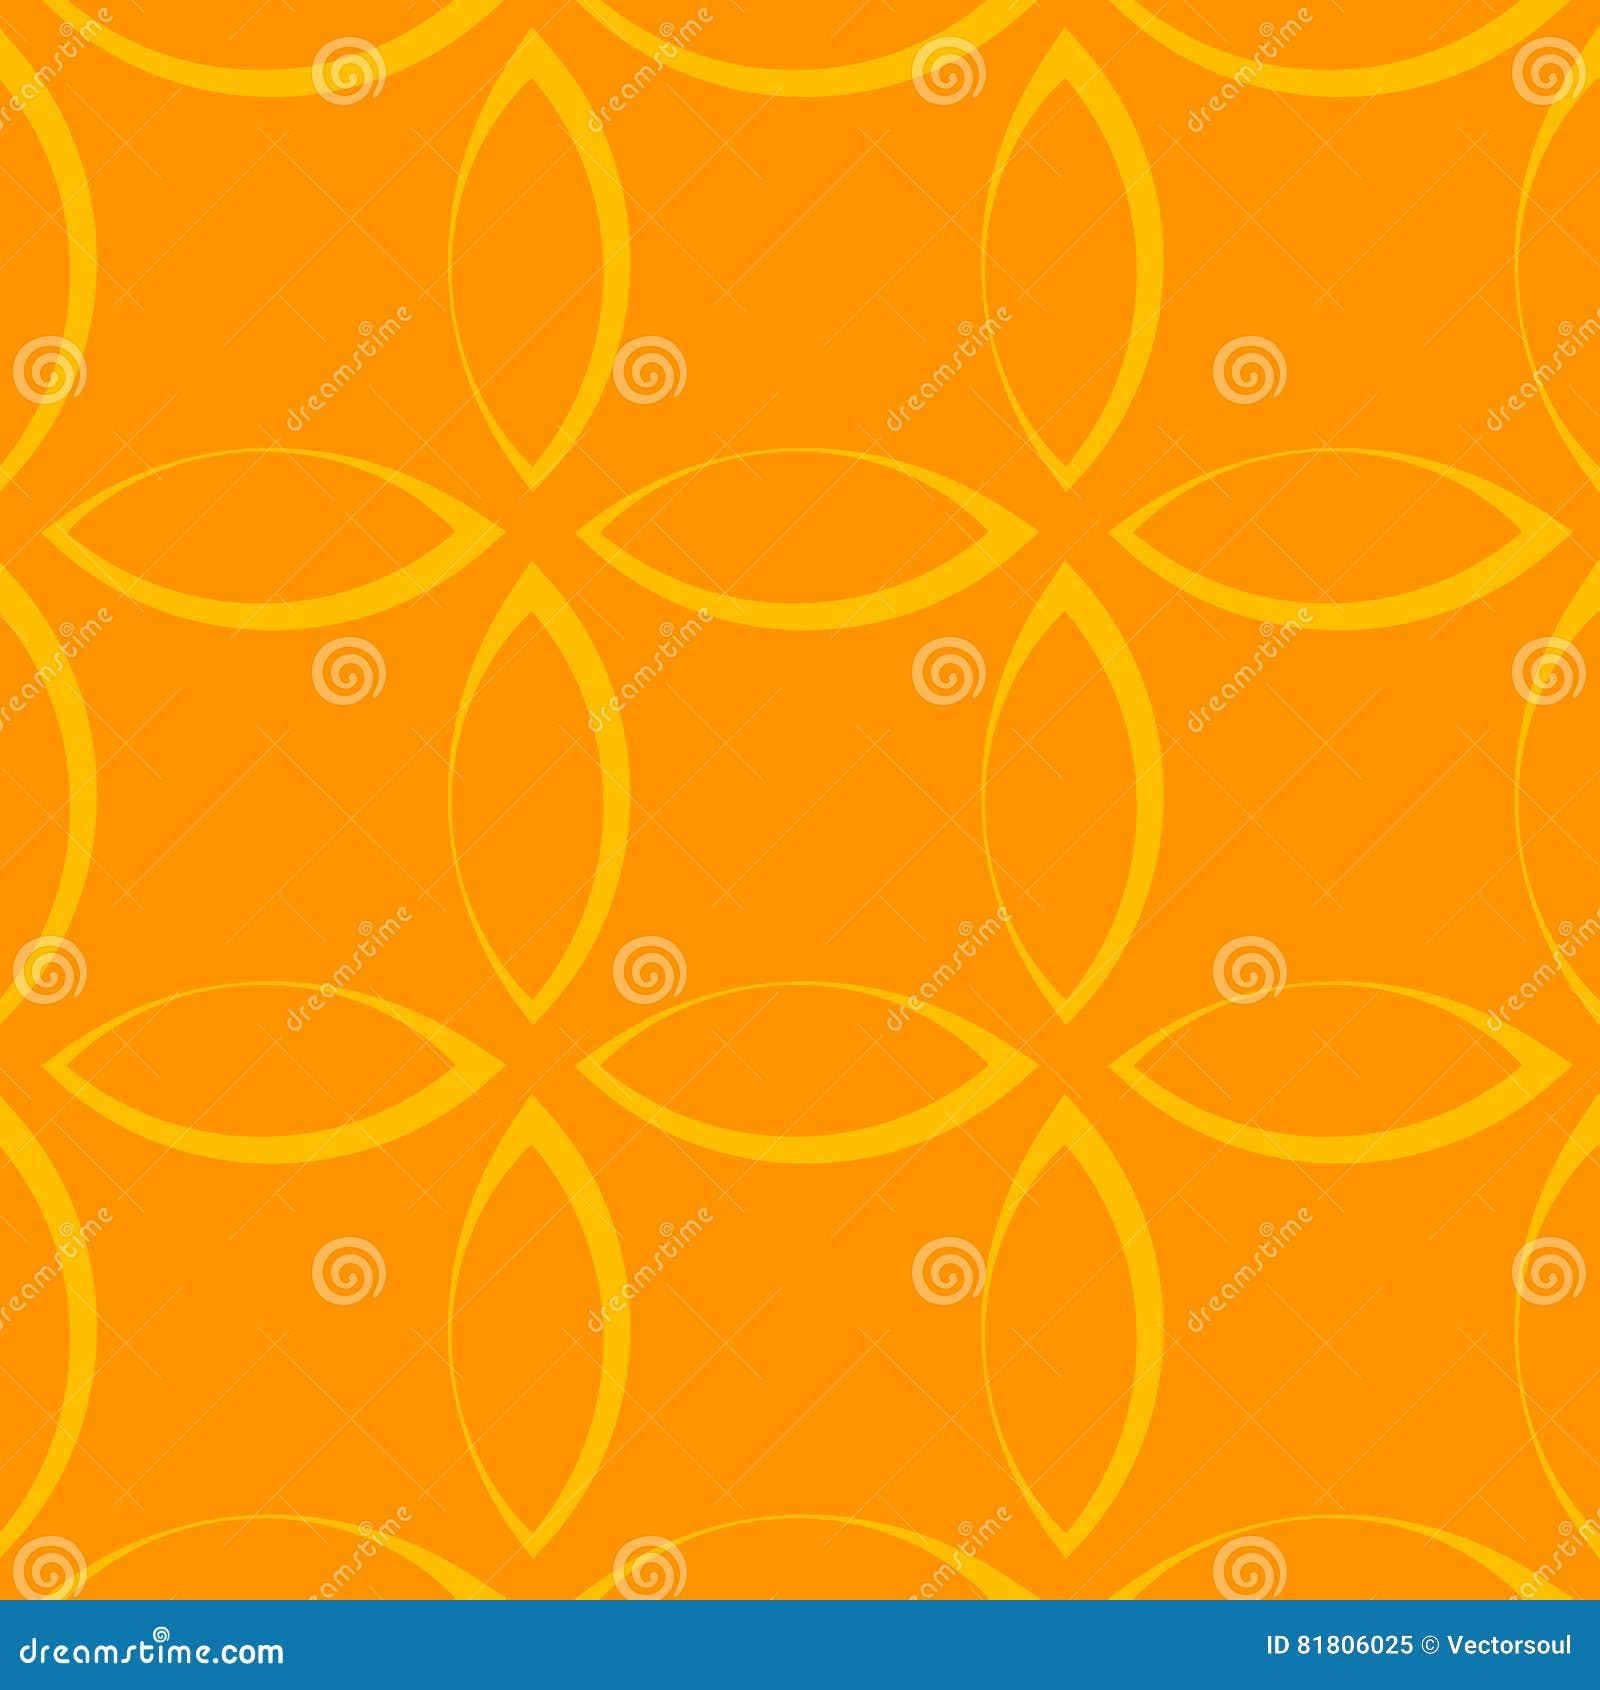 Μονοχρωματικό επαναλαμβανόμενο σχέδιο με τις μορφές πετάλων/λουλουδιών/φύλλων